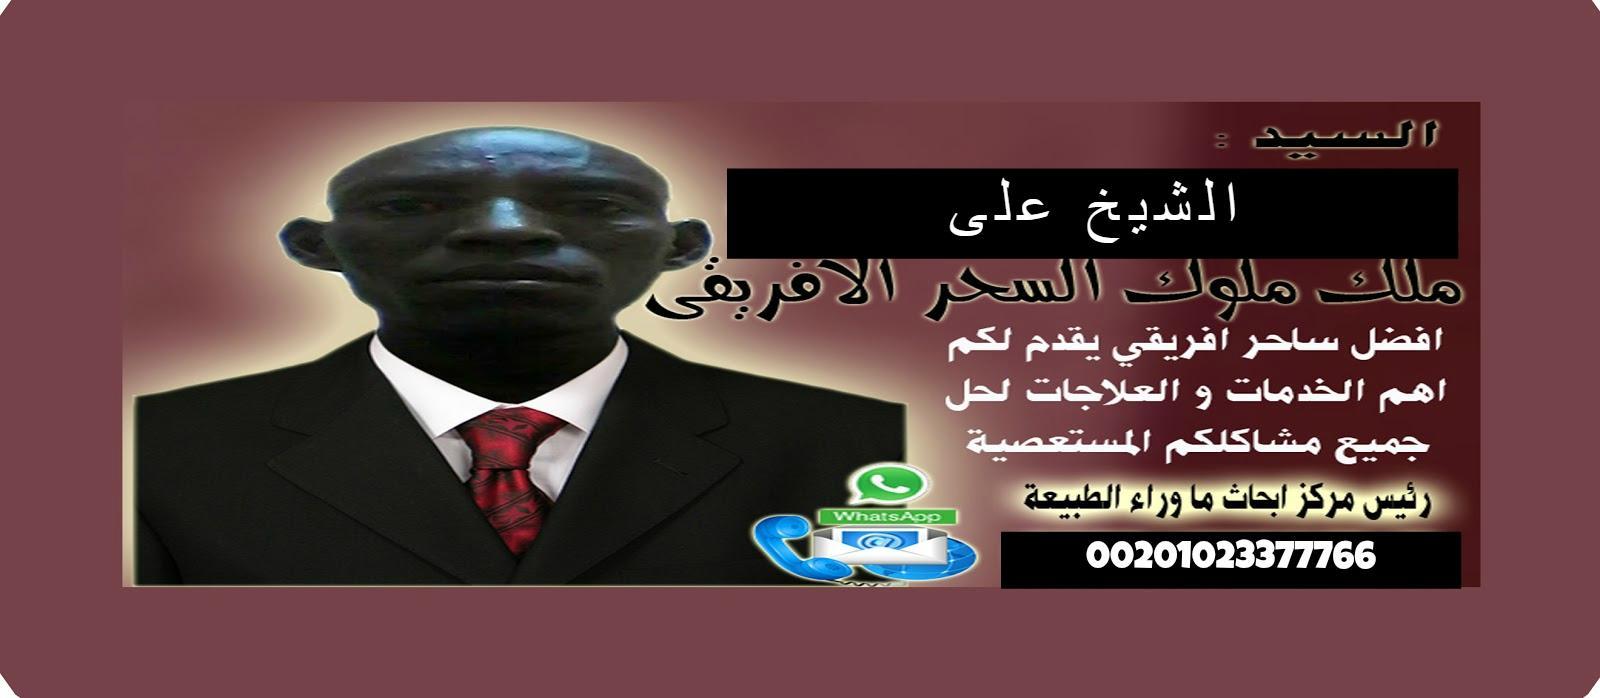 عودة حبيبي - صفحة 4 842138575